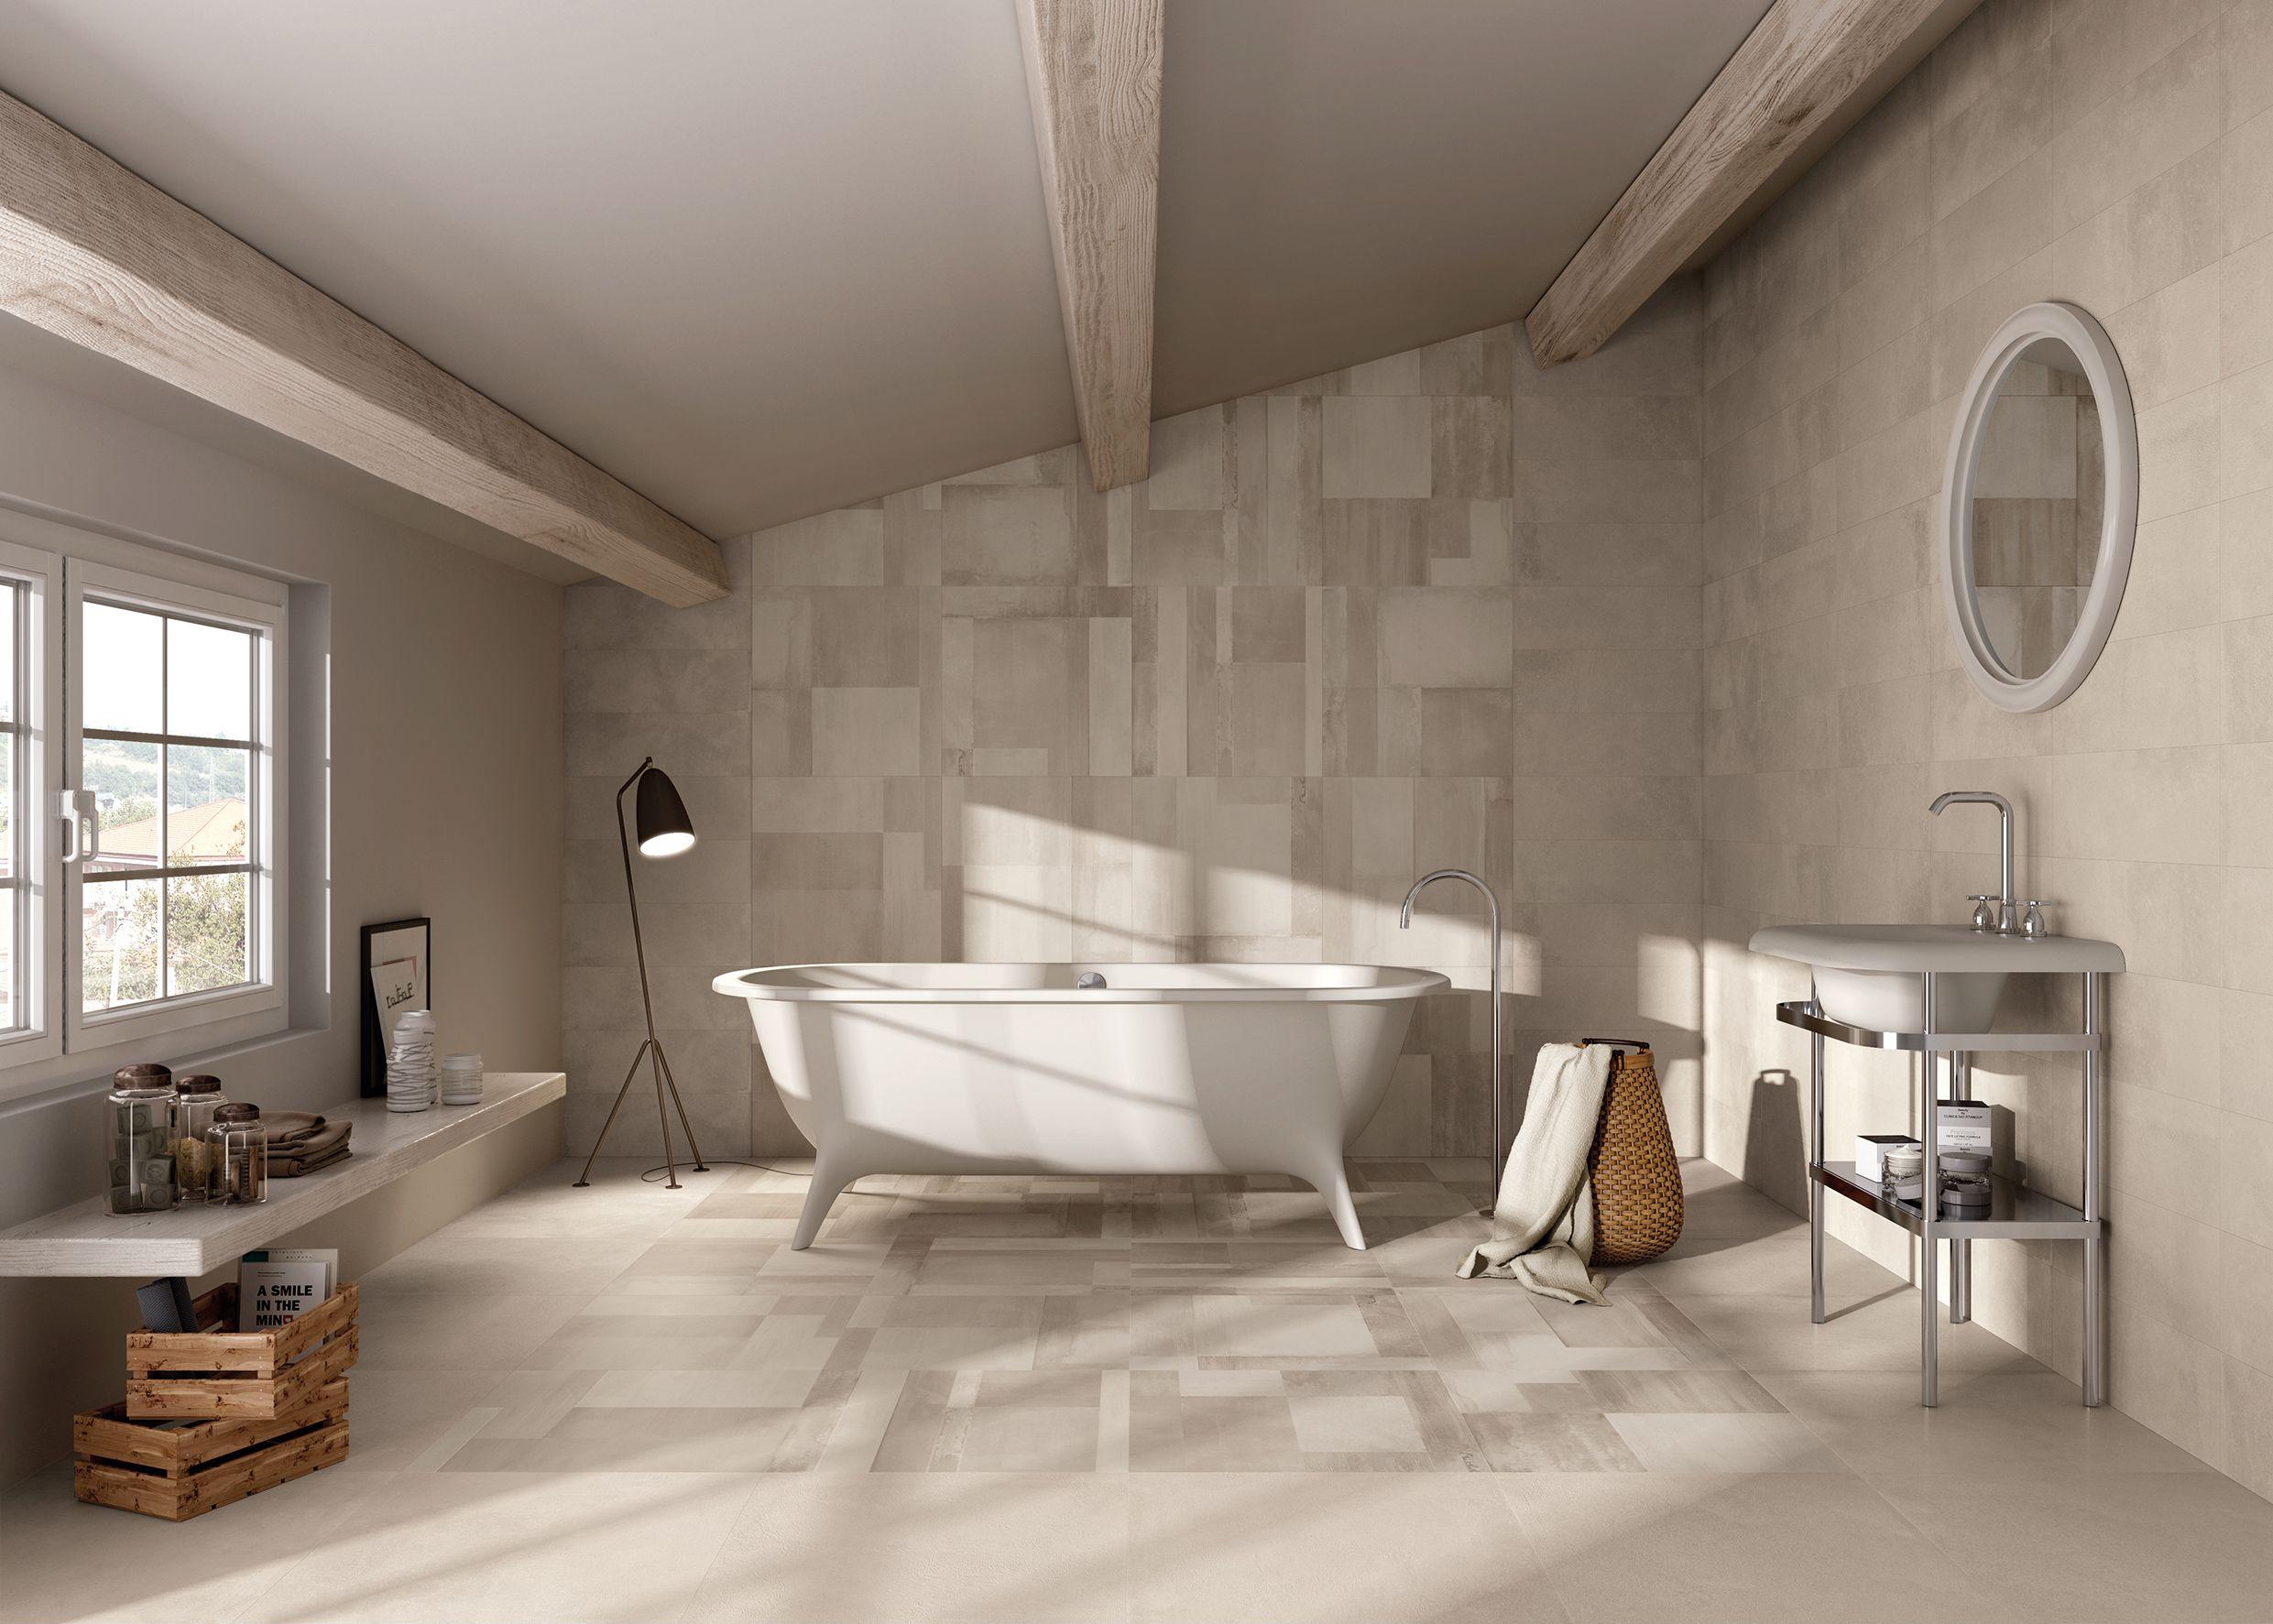 Bagno Uomini ~ Bagno con piastrelle in gres porcellanato effetto cemento a